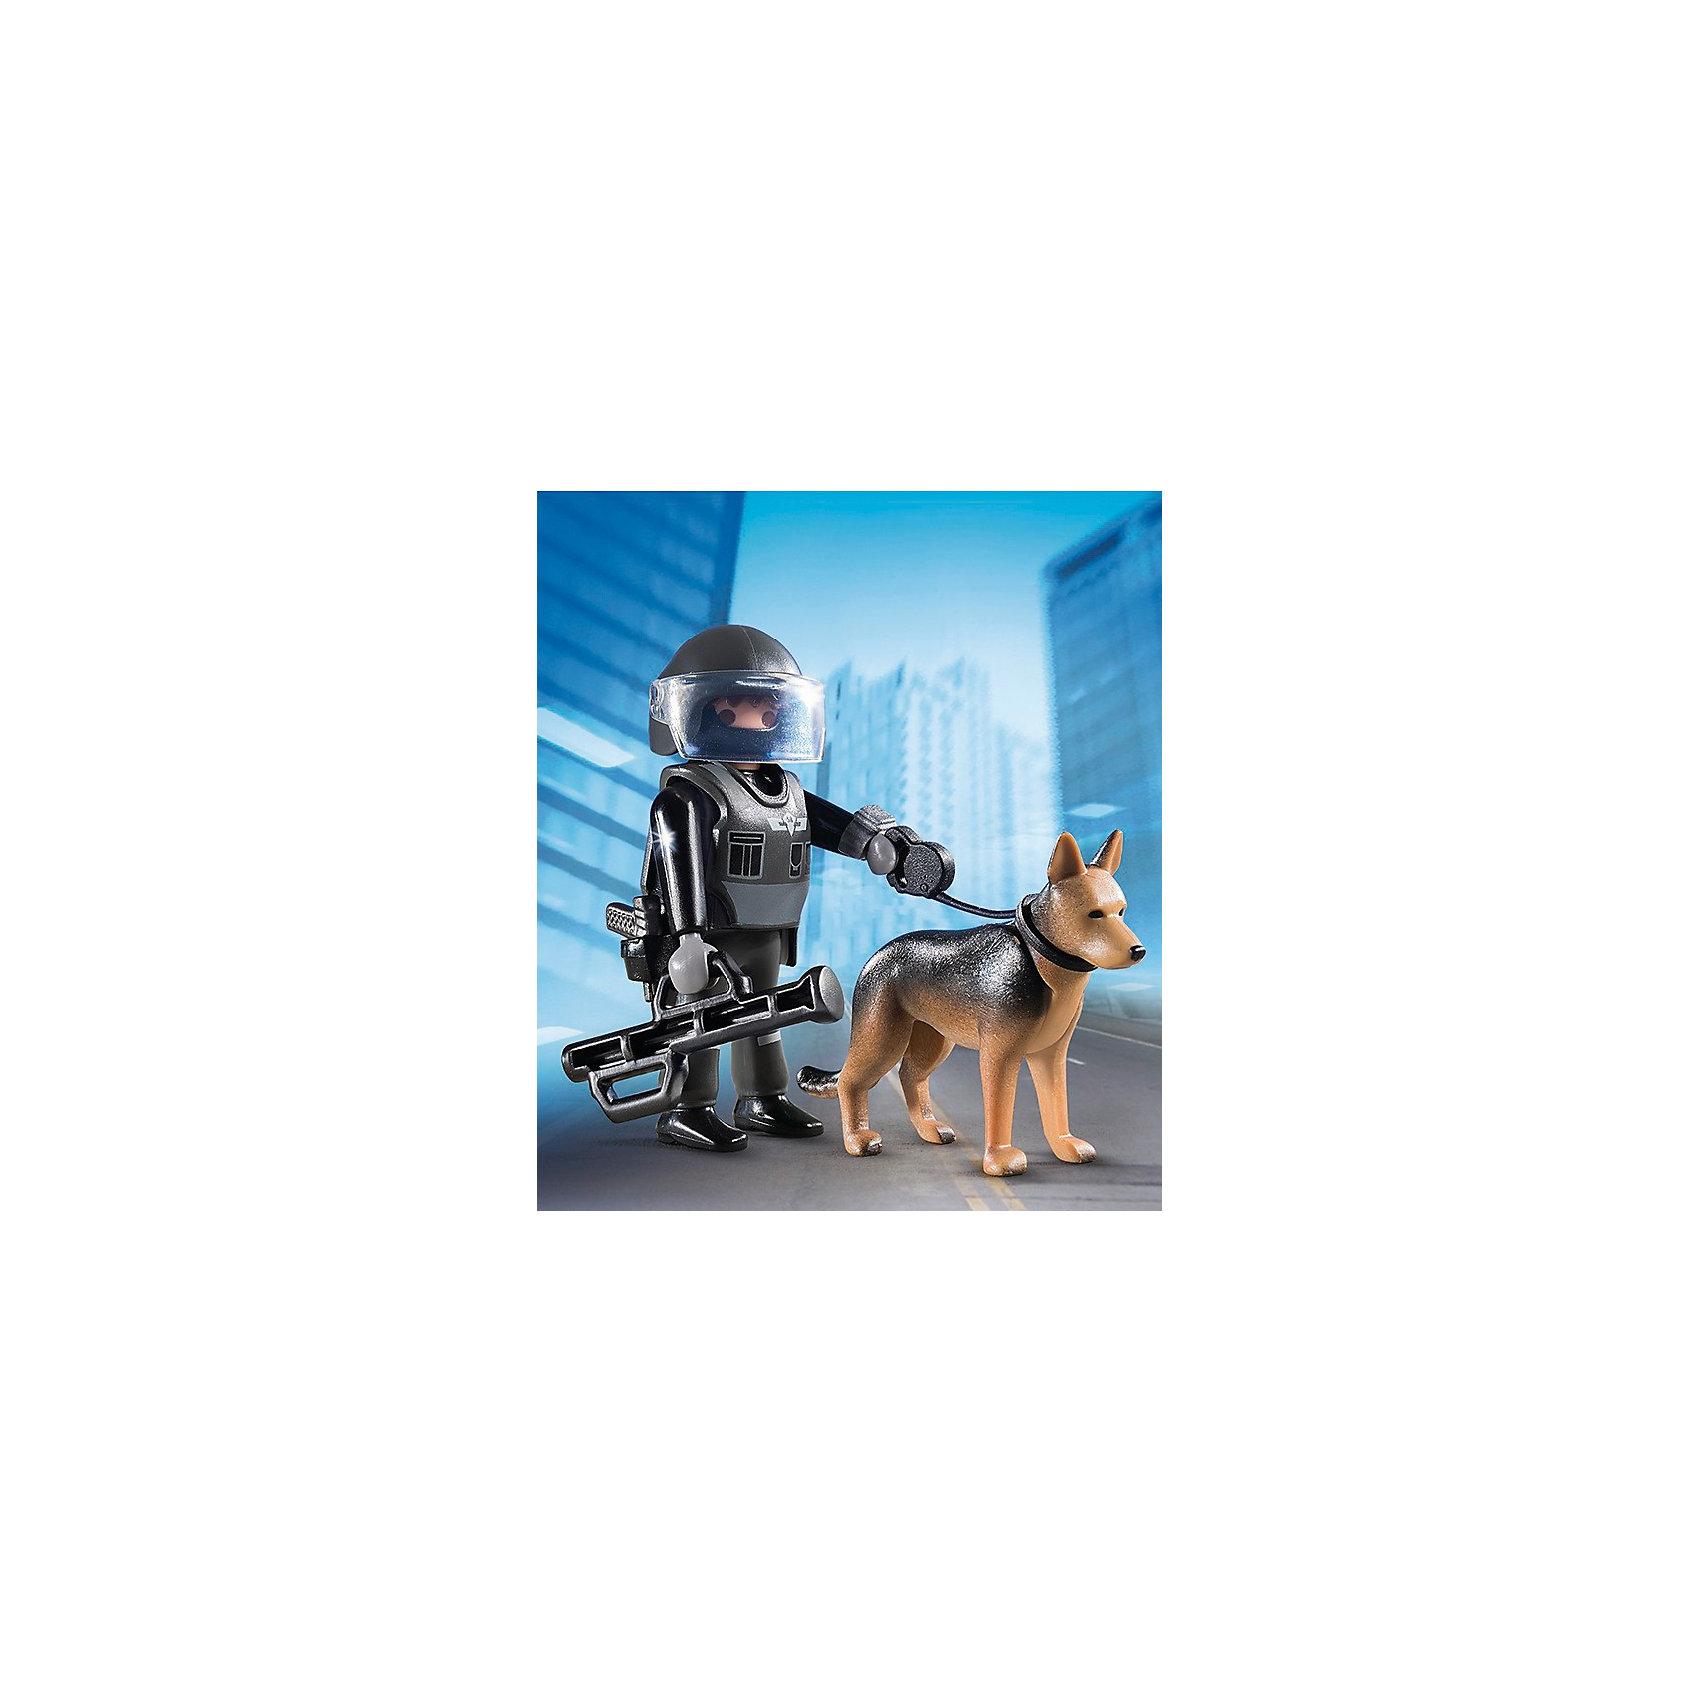 PLAYMOBIL® Экстра-набор: Полицейский спецназовец с собакой, PLAYMOBIL